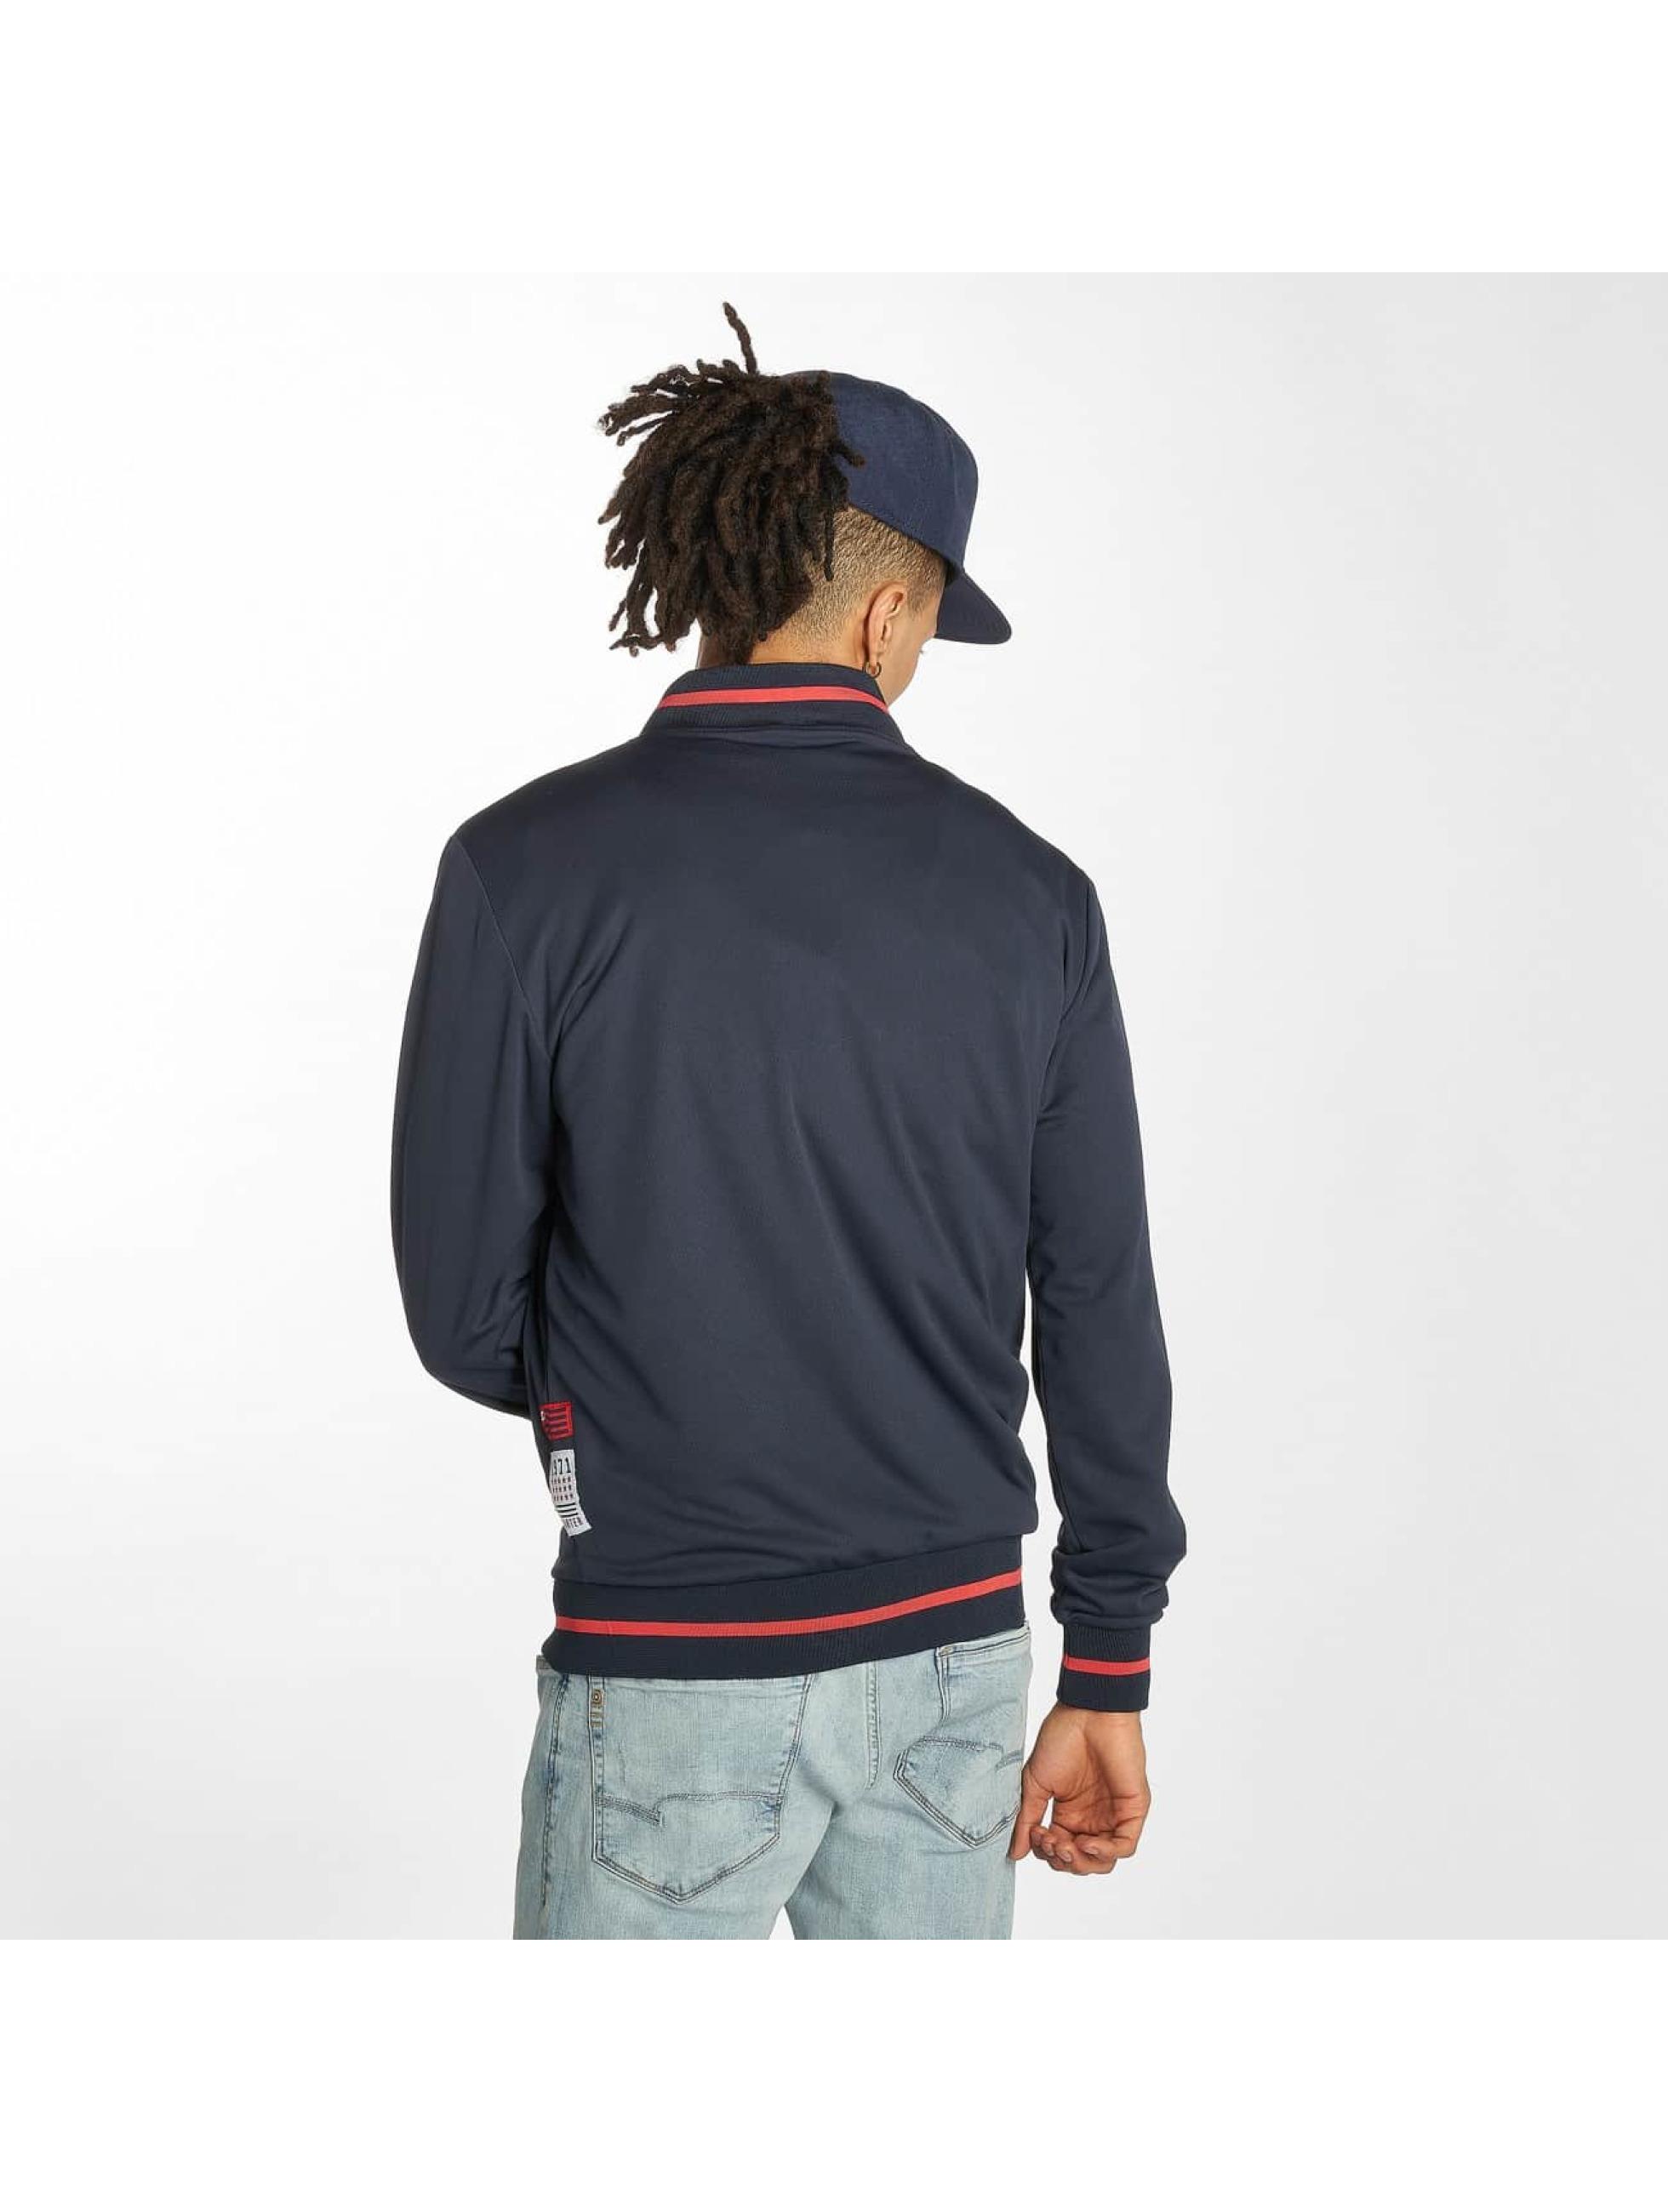 Starter Университетская куртка Jackson синий